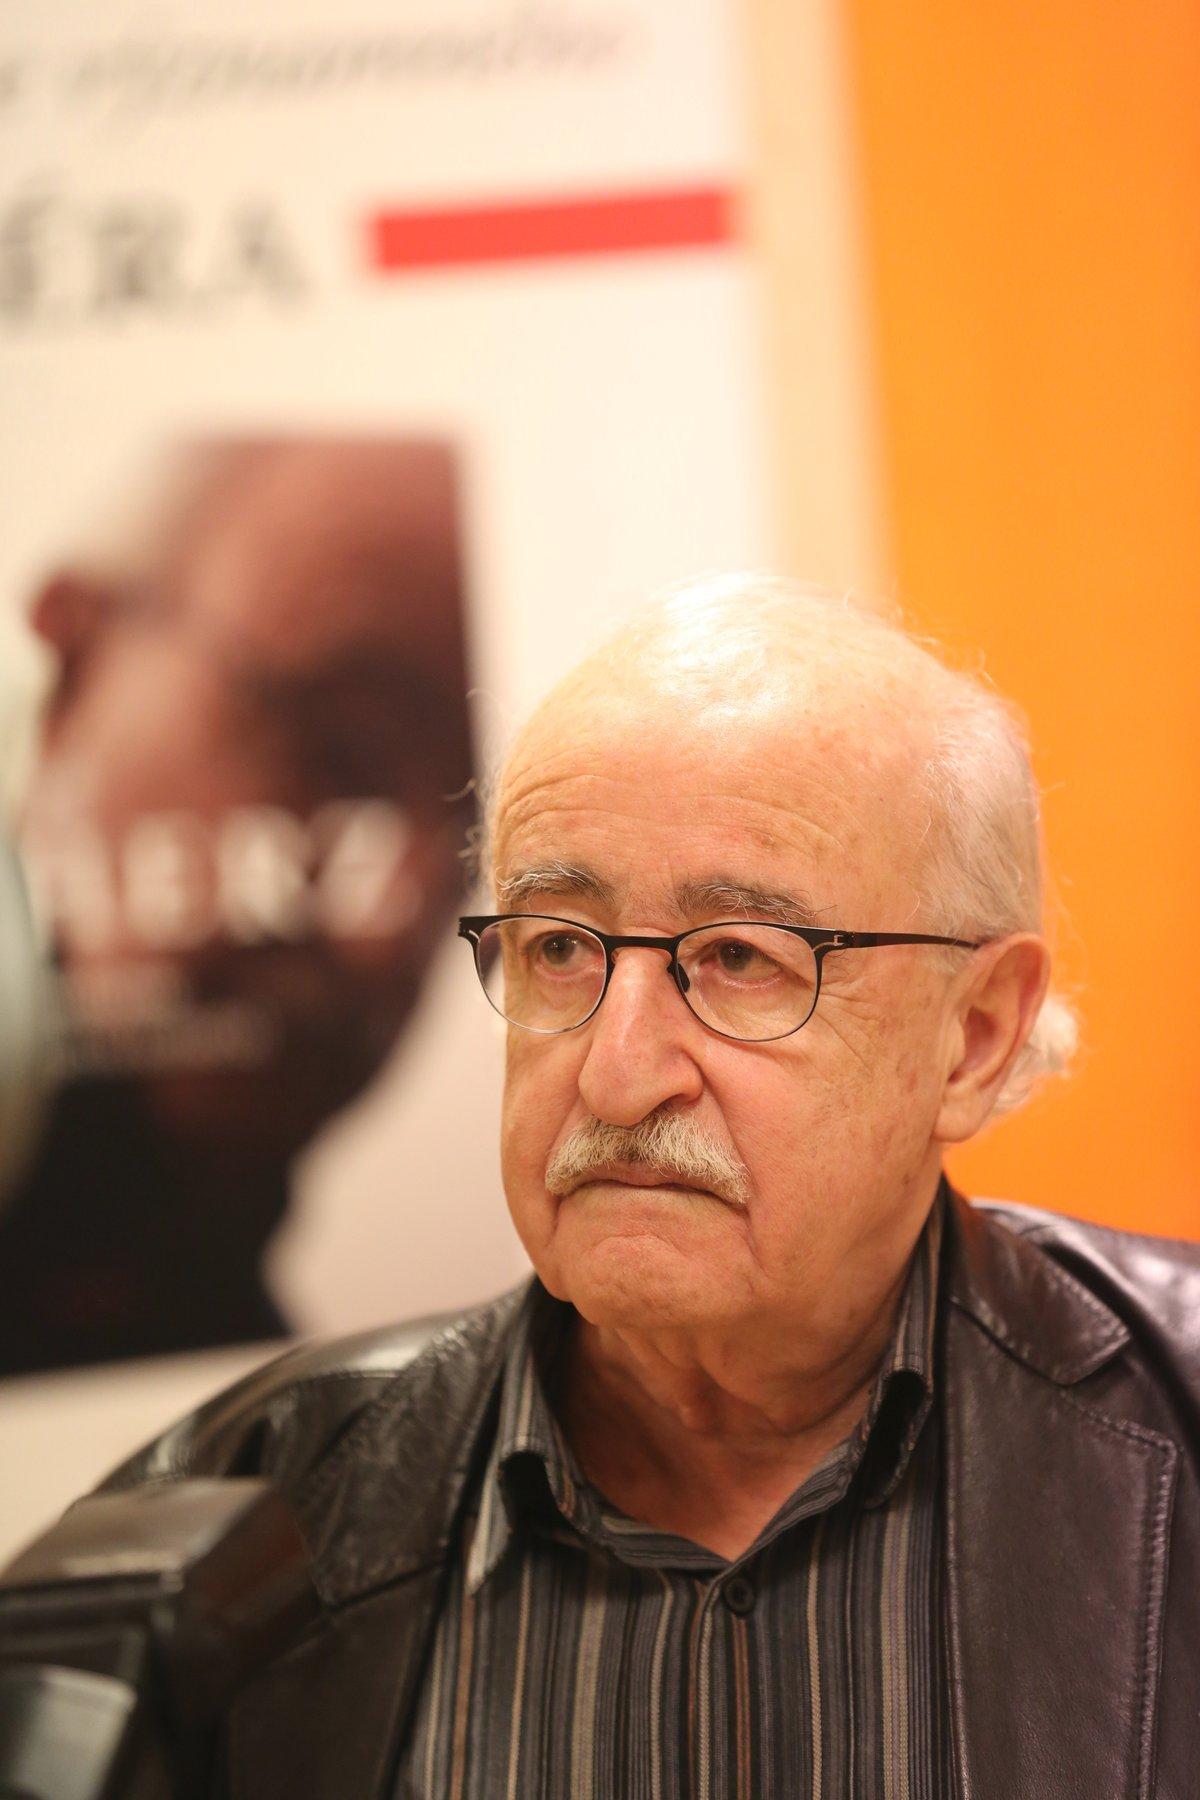 Zesnulý režisér Juraj Herz (†83).